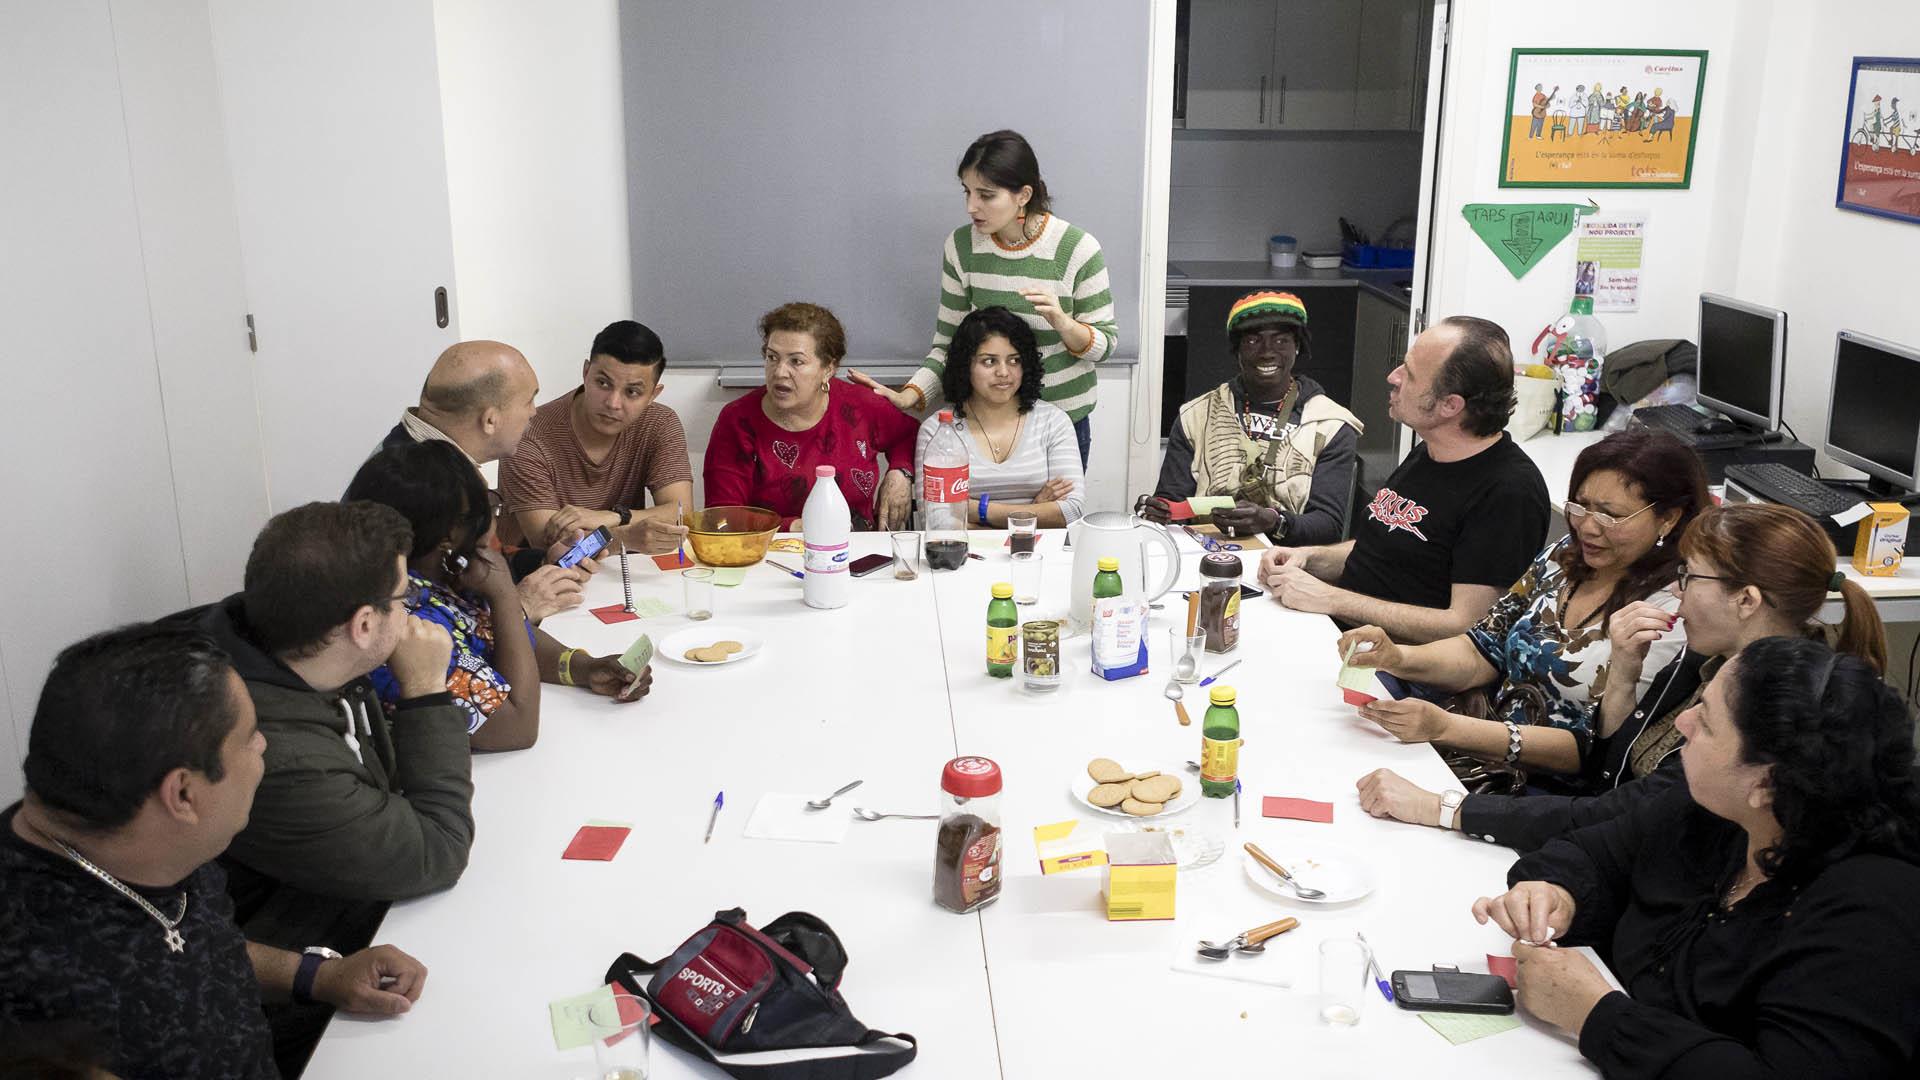 suport_en_grup_caritas_barcelona